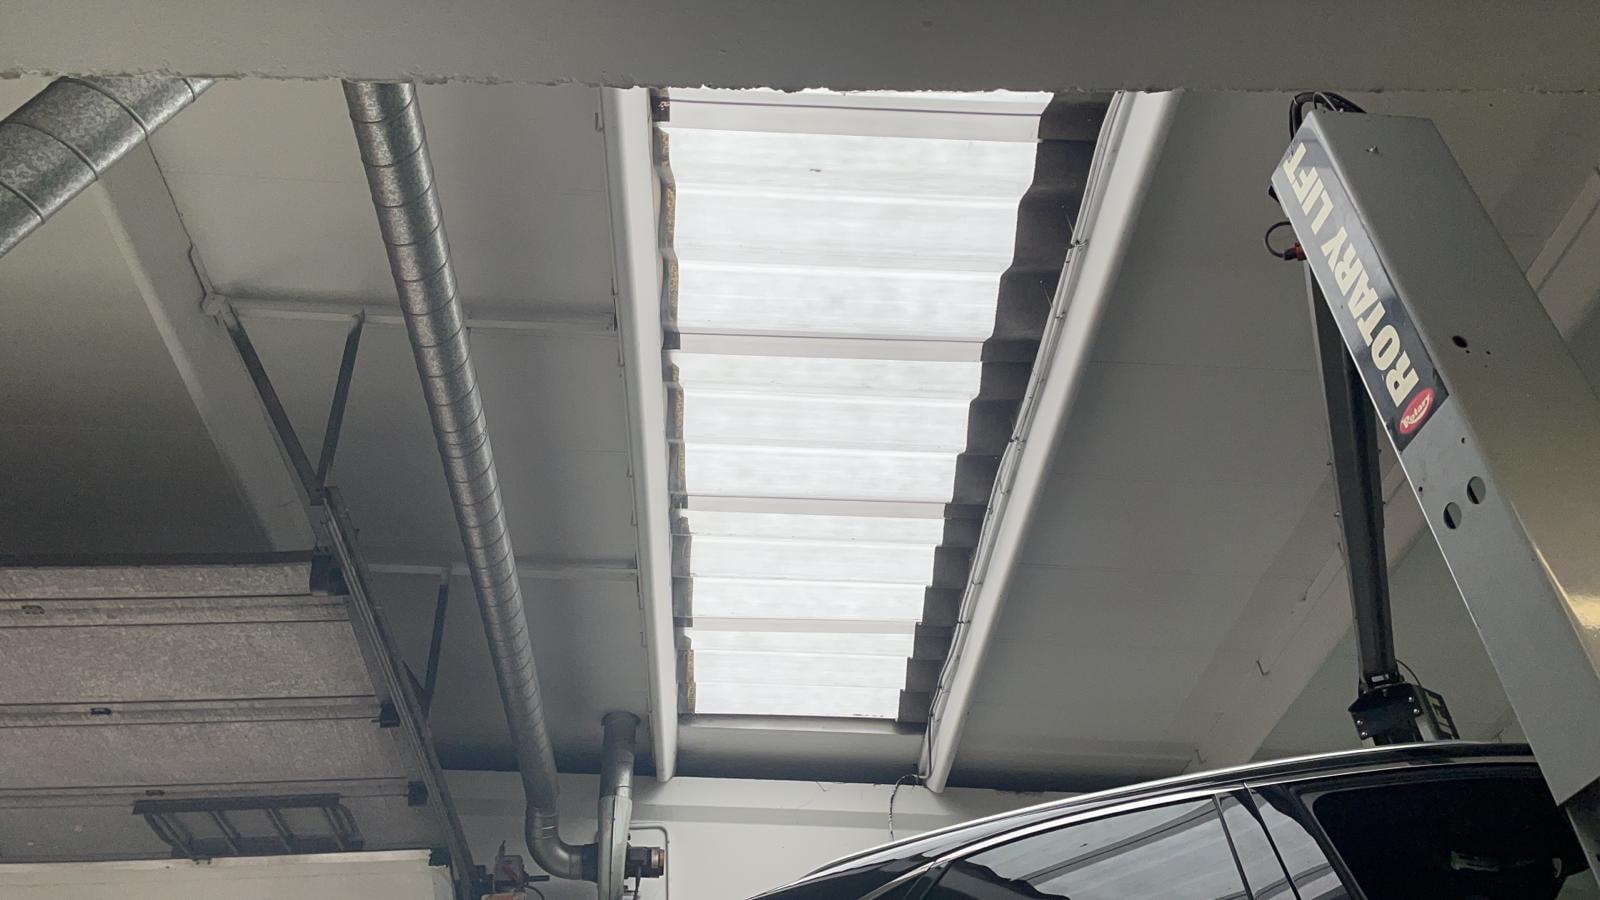 Workshop rooflight replacement in Crayford Kent